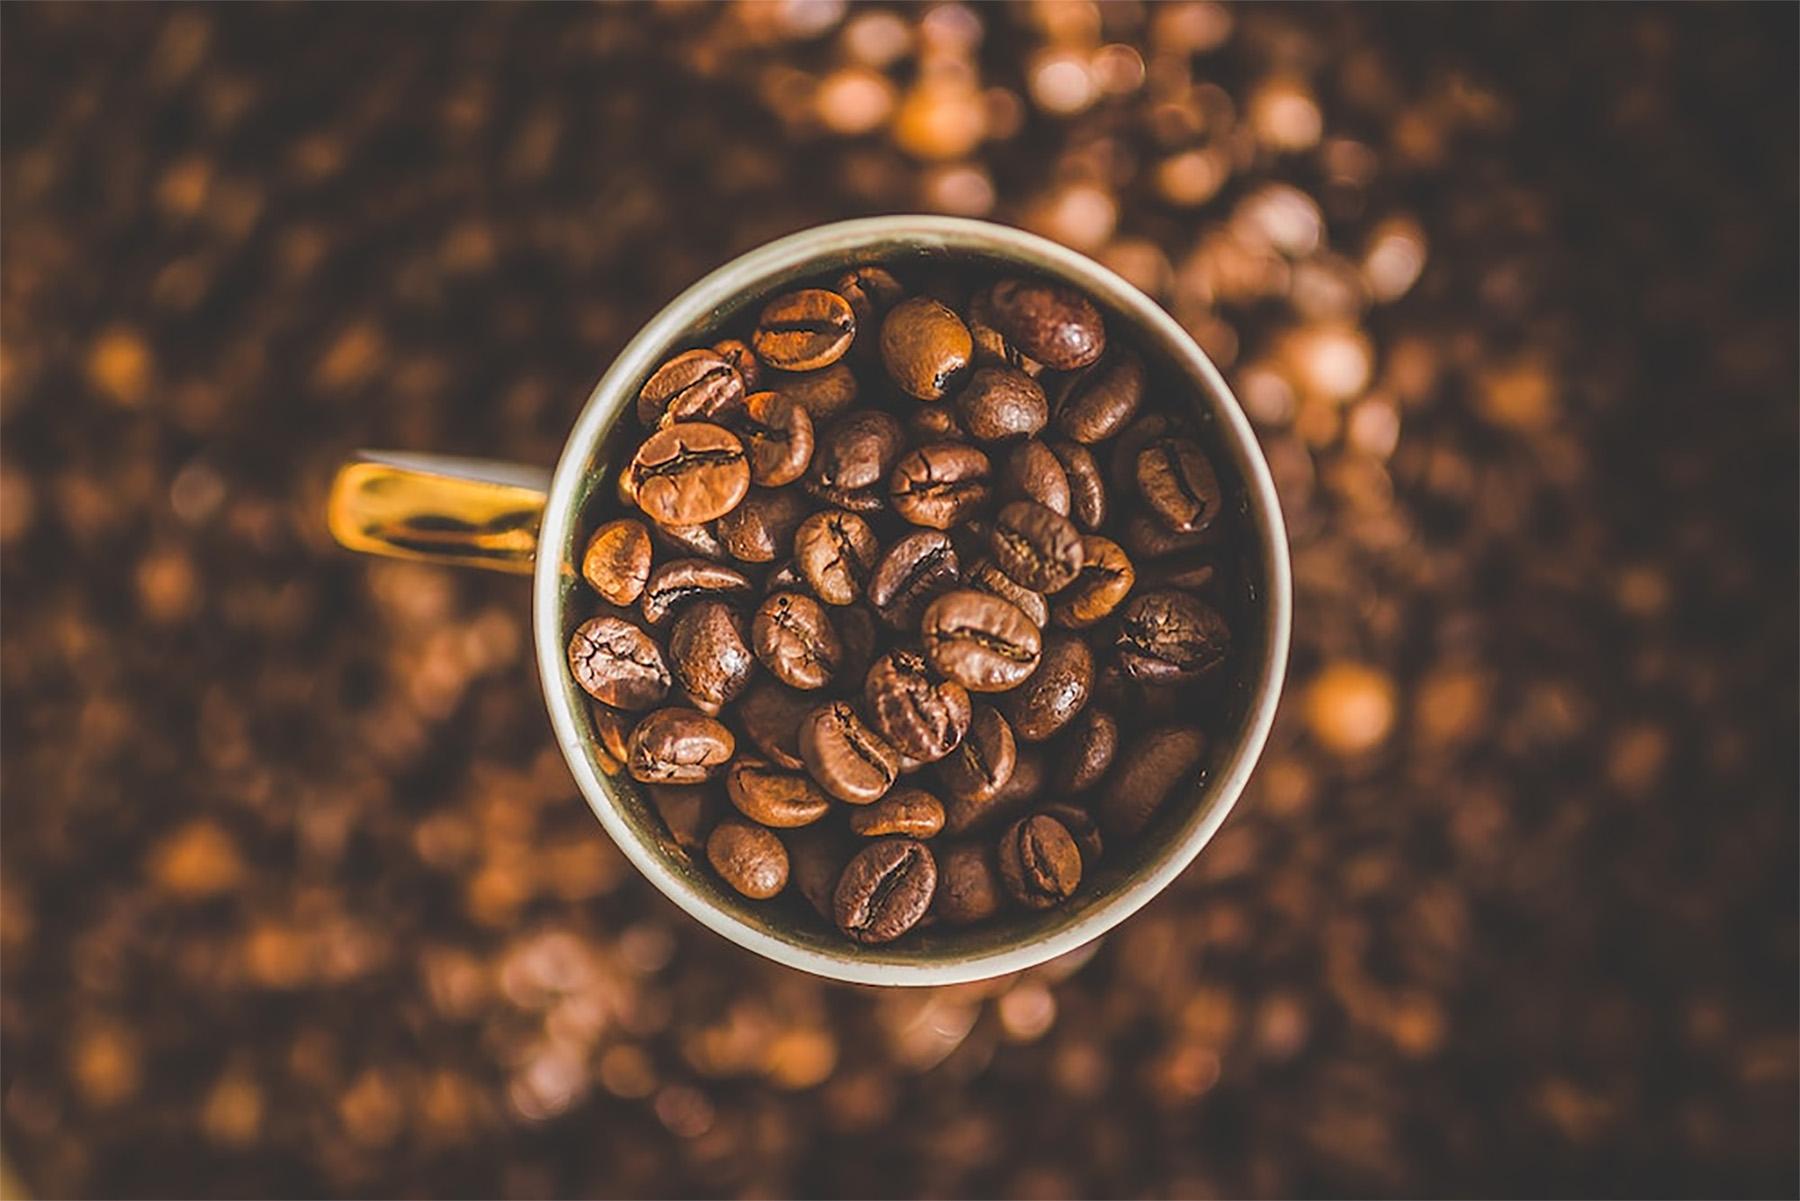 cbd coffee beans in a mug